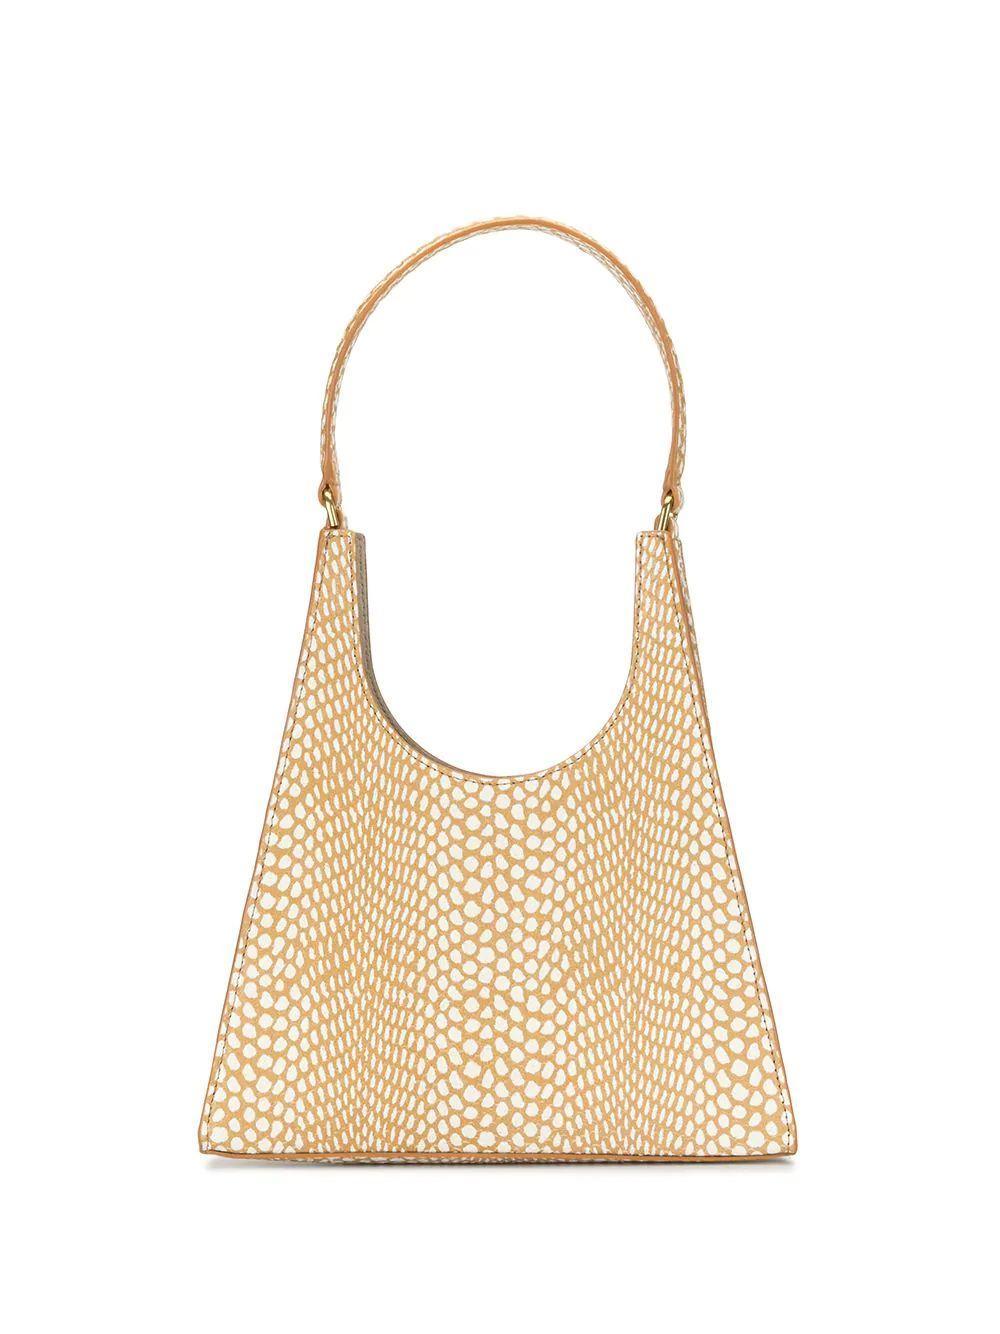 Rey Snake Print Shoulder Bag Item # 219-9125-FAWN